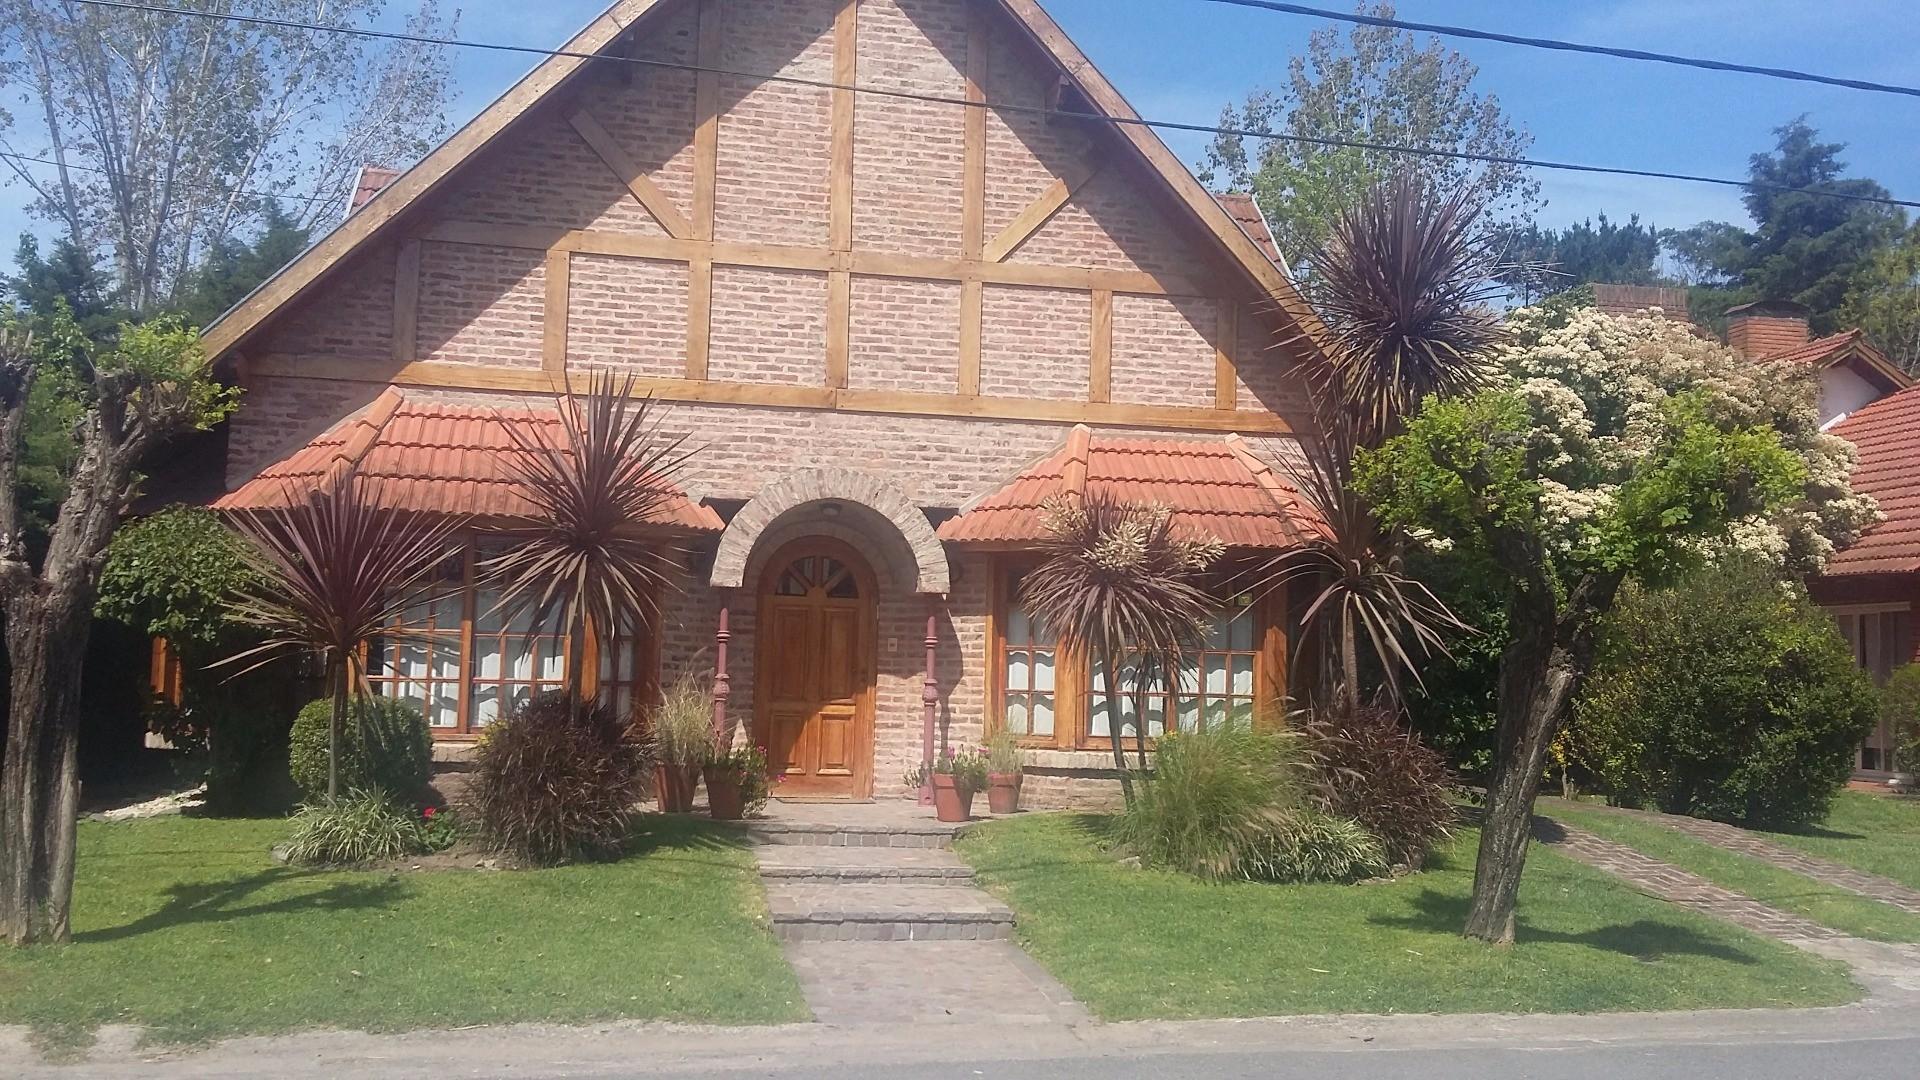 CHALET EN DOS PLANTAS BIEN UBICADO CERCA DE LA PASARELA QUE COMUNICA CON EL CLUB HOUSE